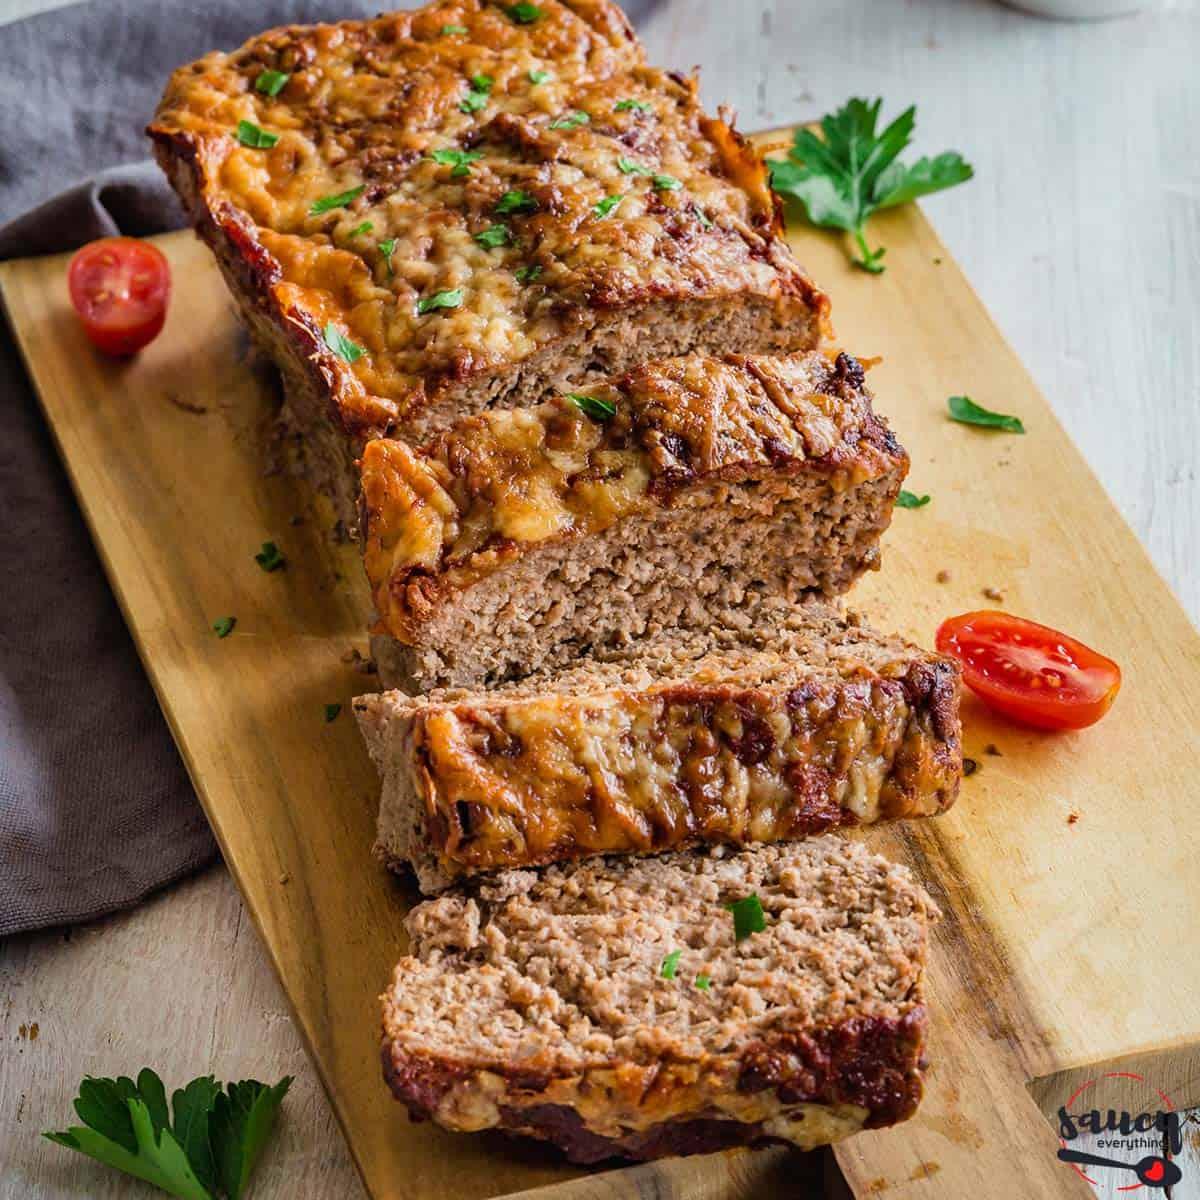 meatloaf sliced on a wooden serving board